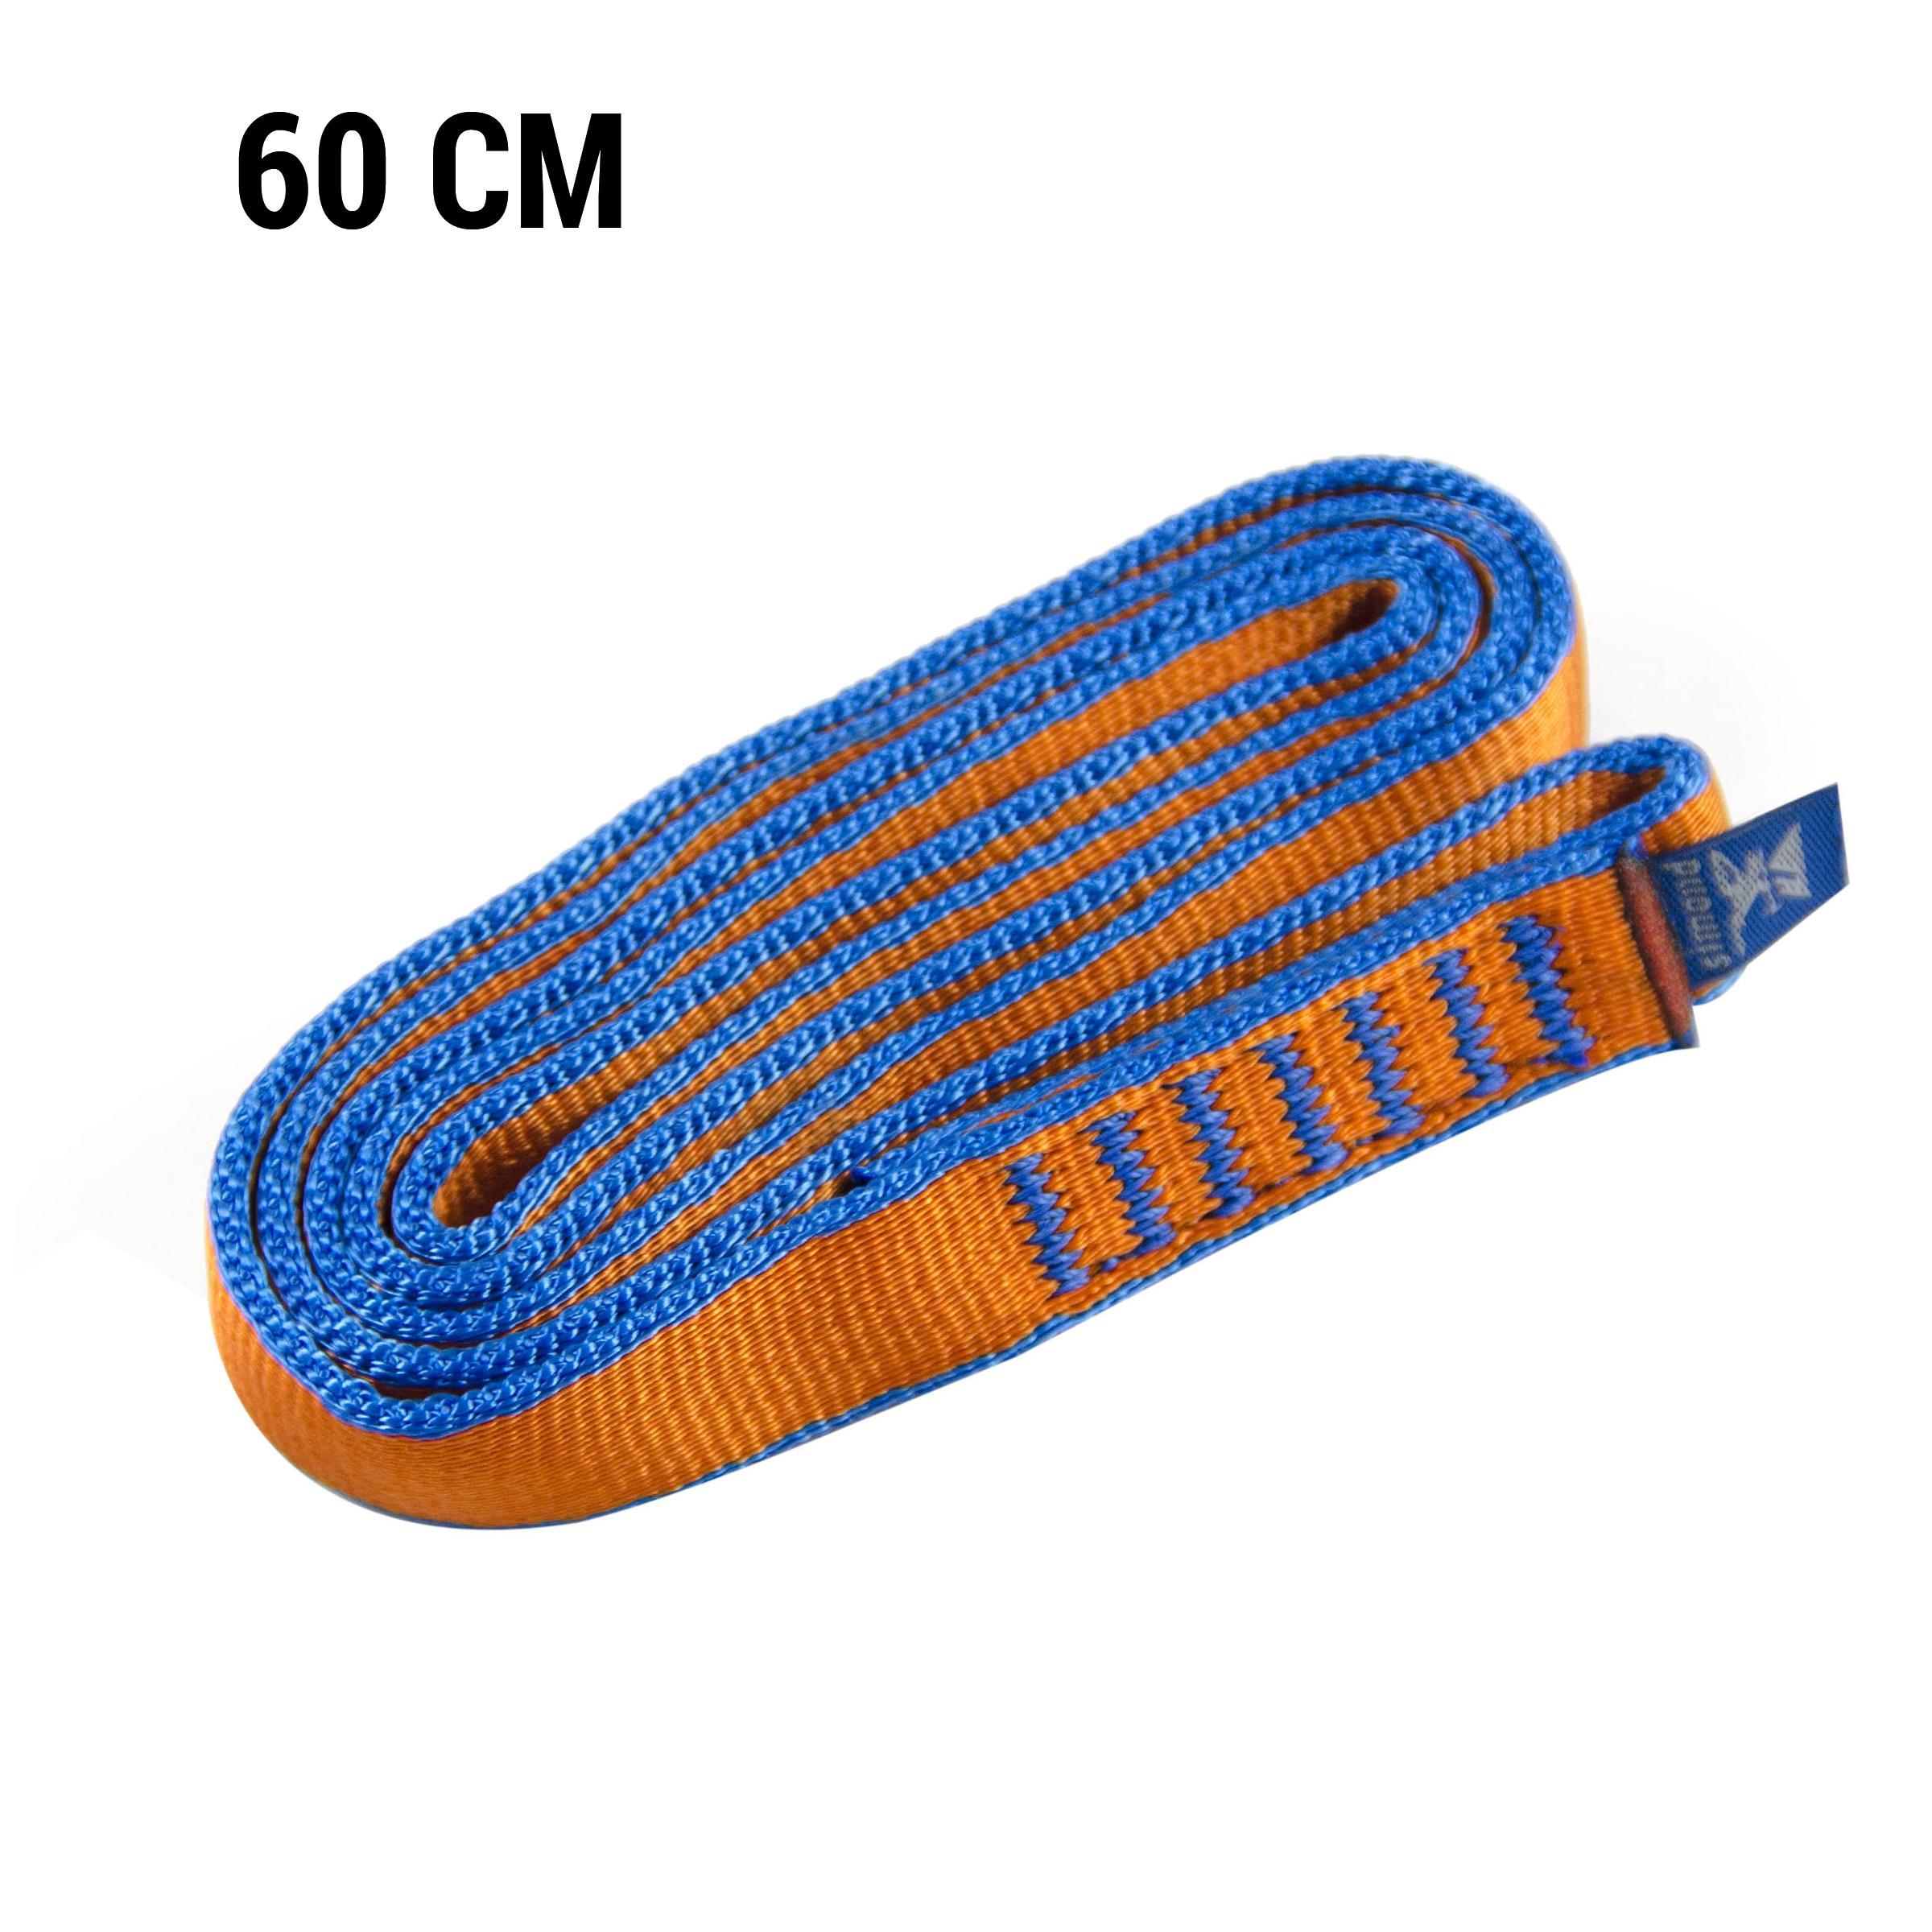 SLING - 60 CM